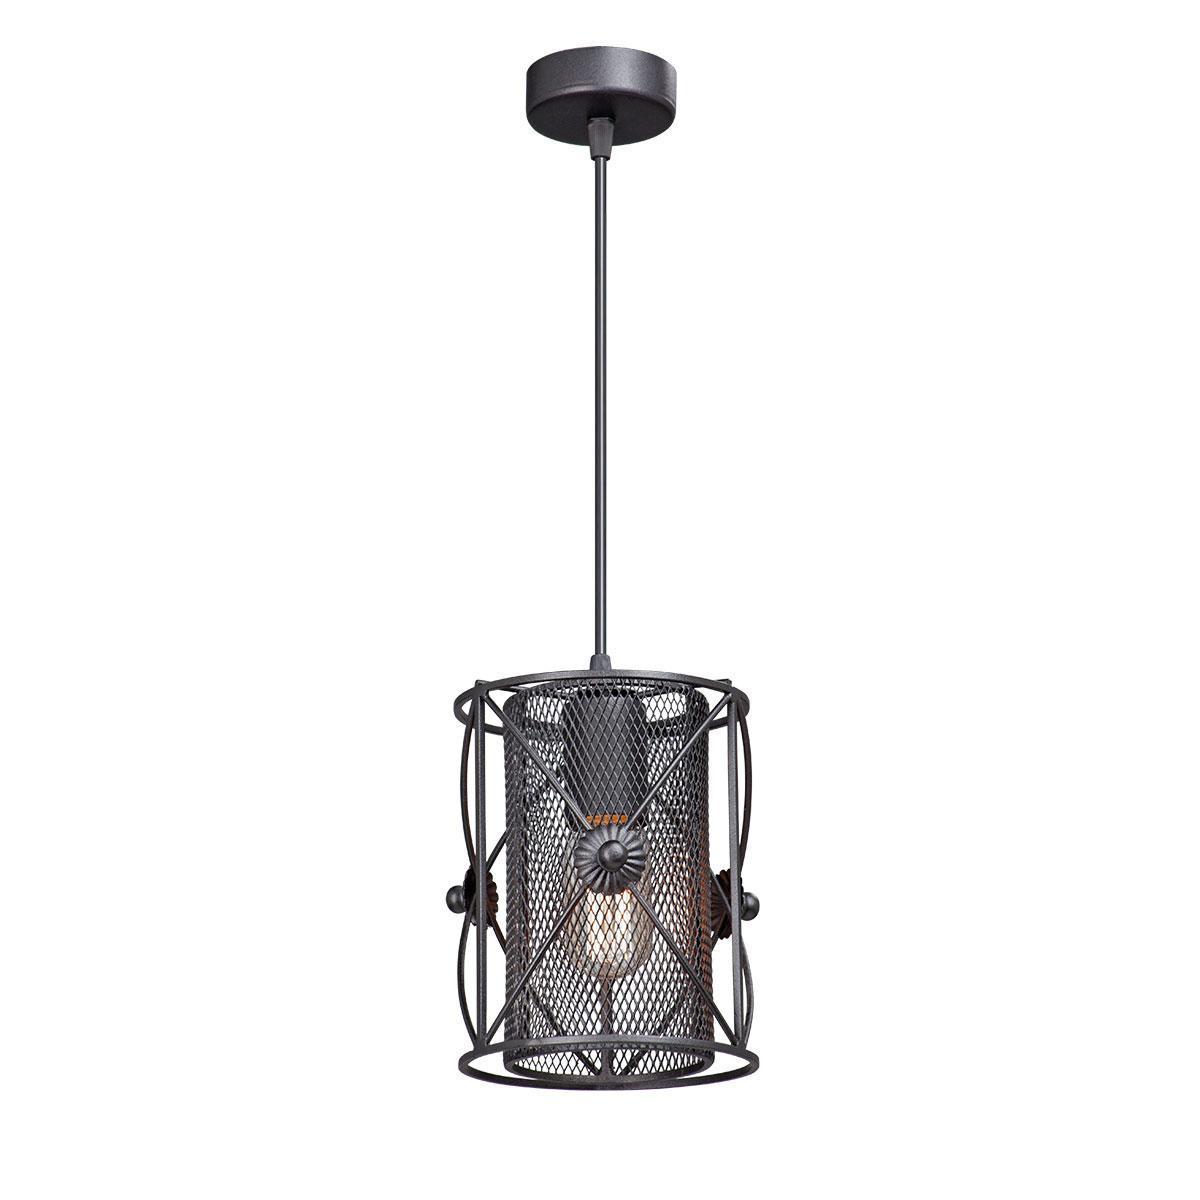 Подвесной светильник Vitaluce V4281-1/1S подвесной светильник vitaluce v4168 1 1s